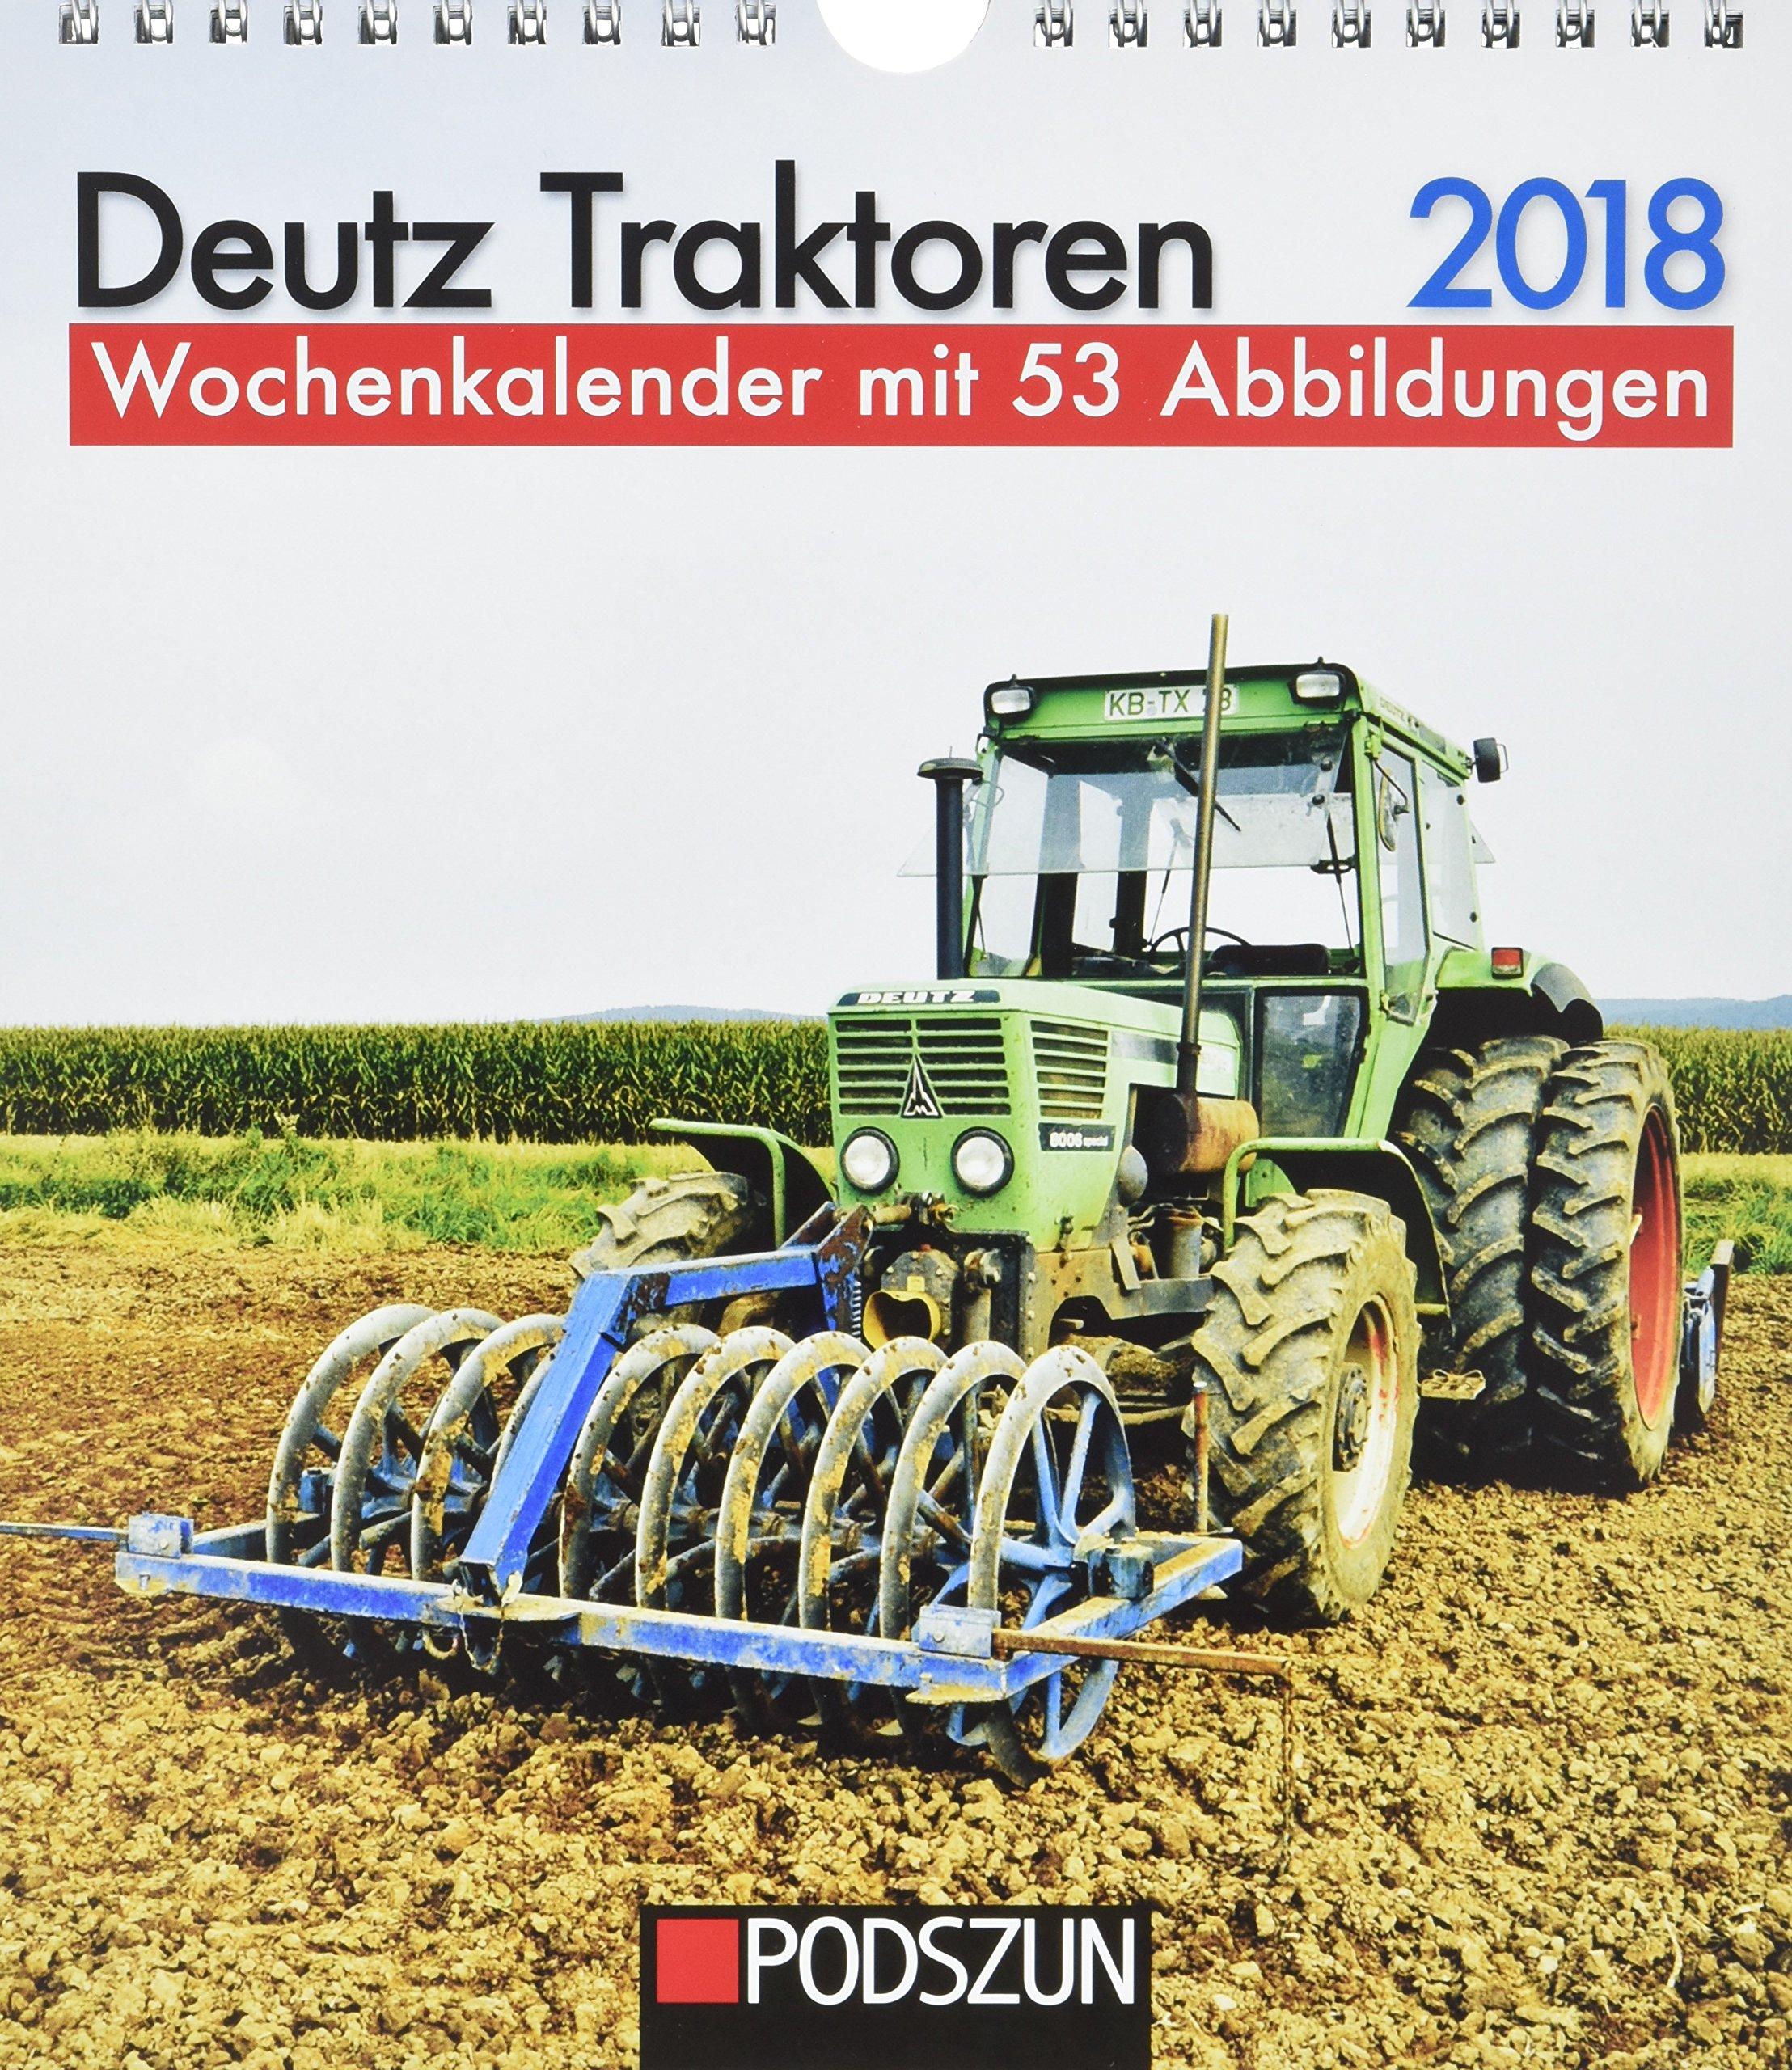 Deutz Traktoren 2018